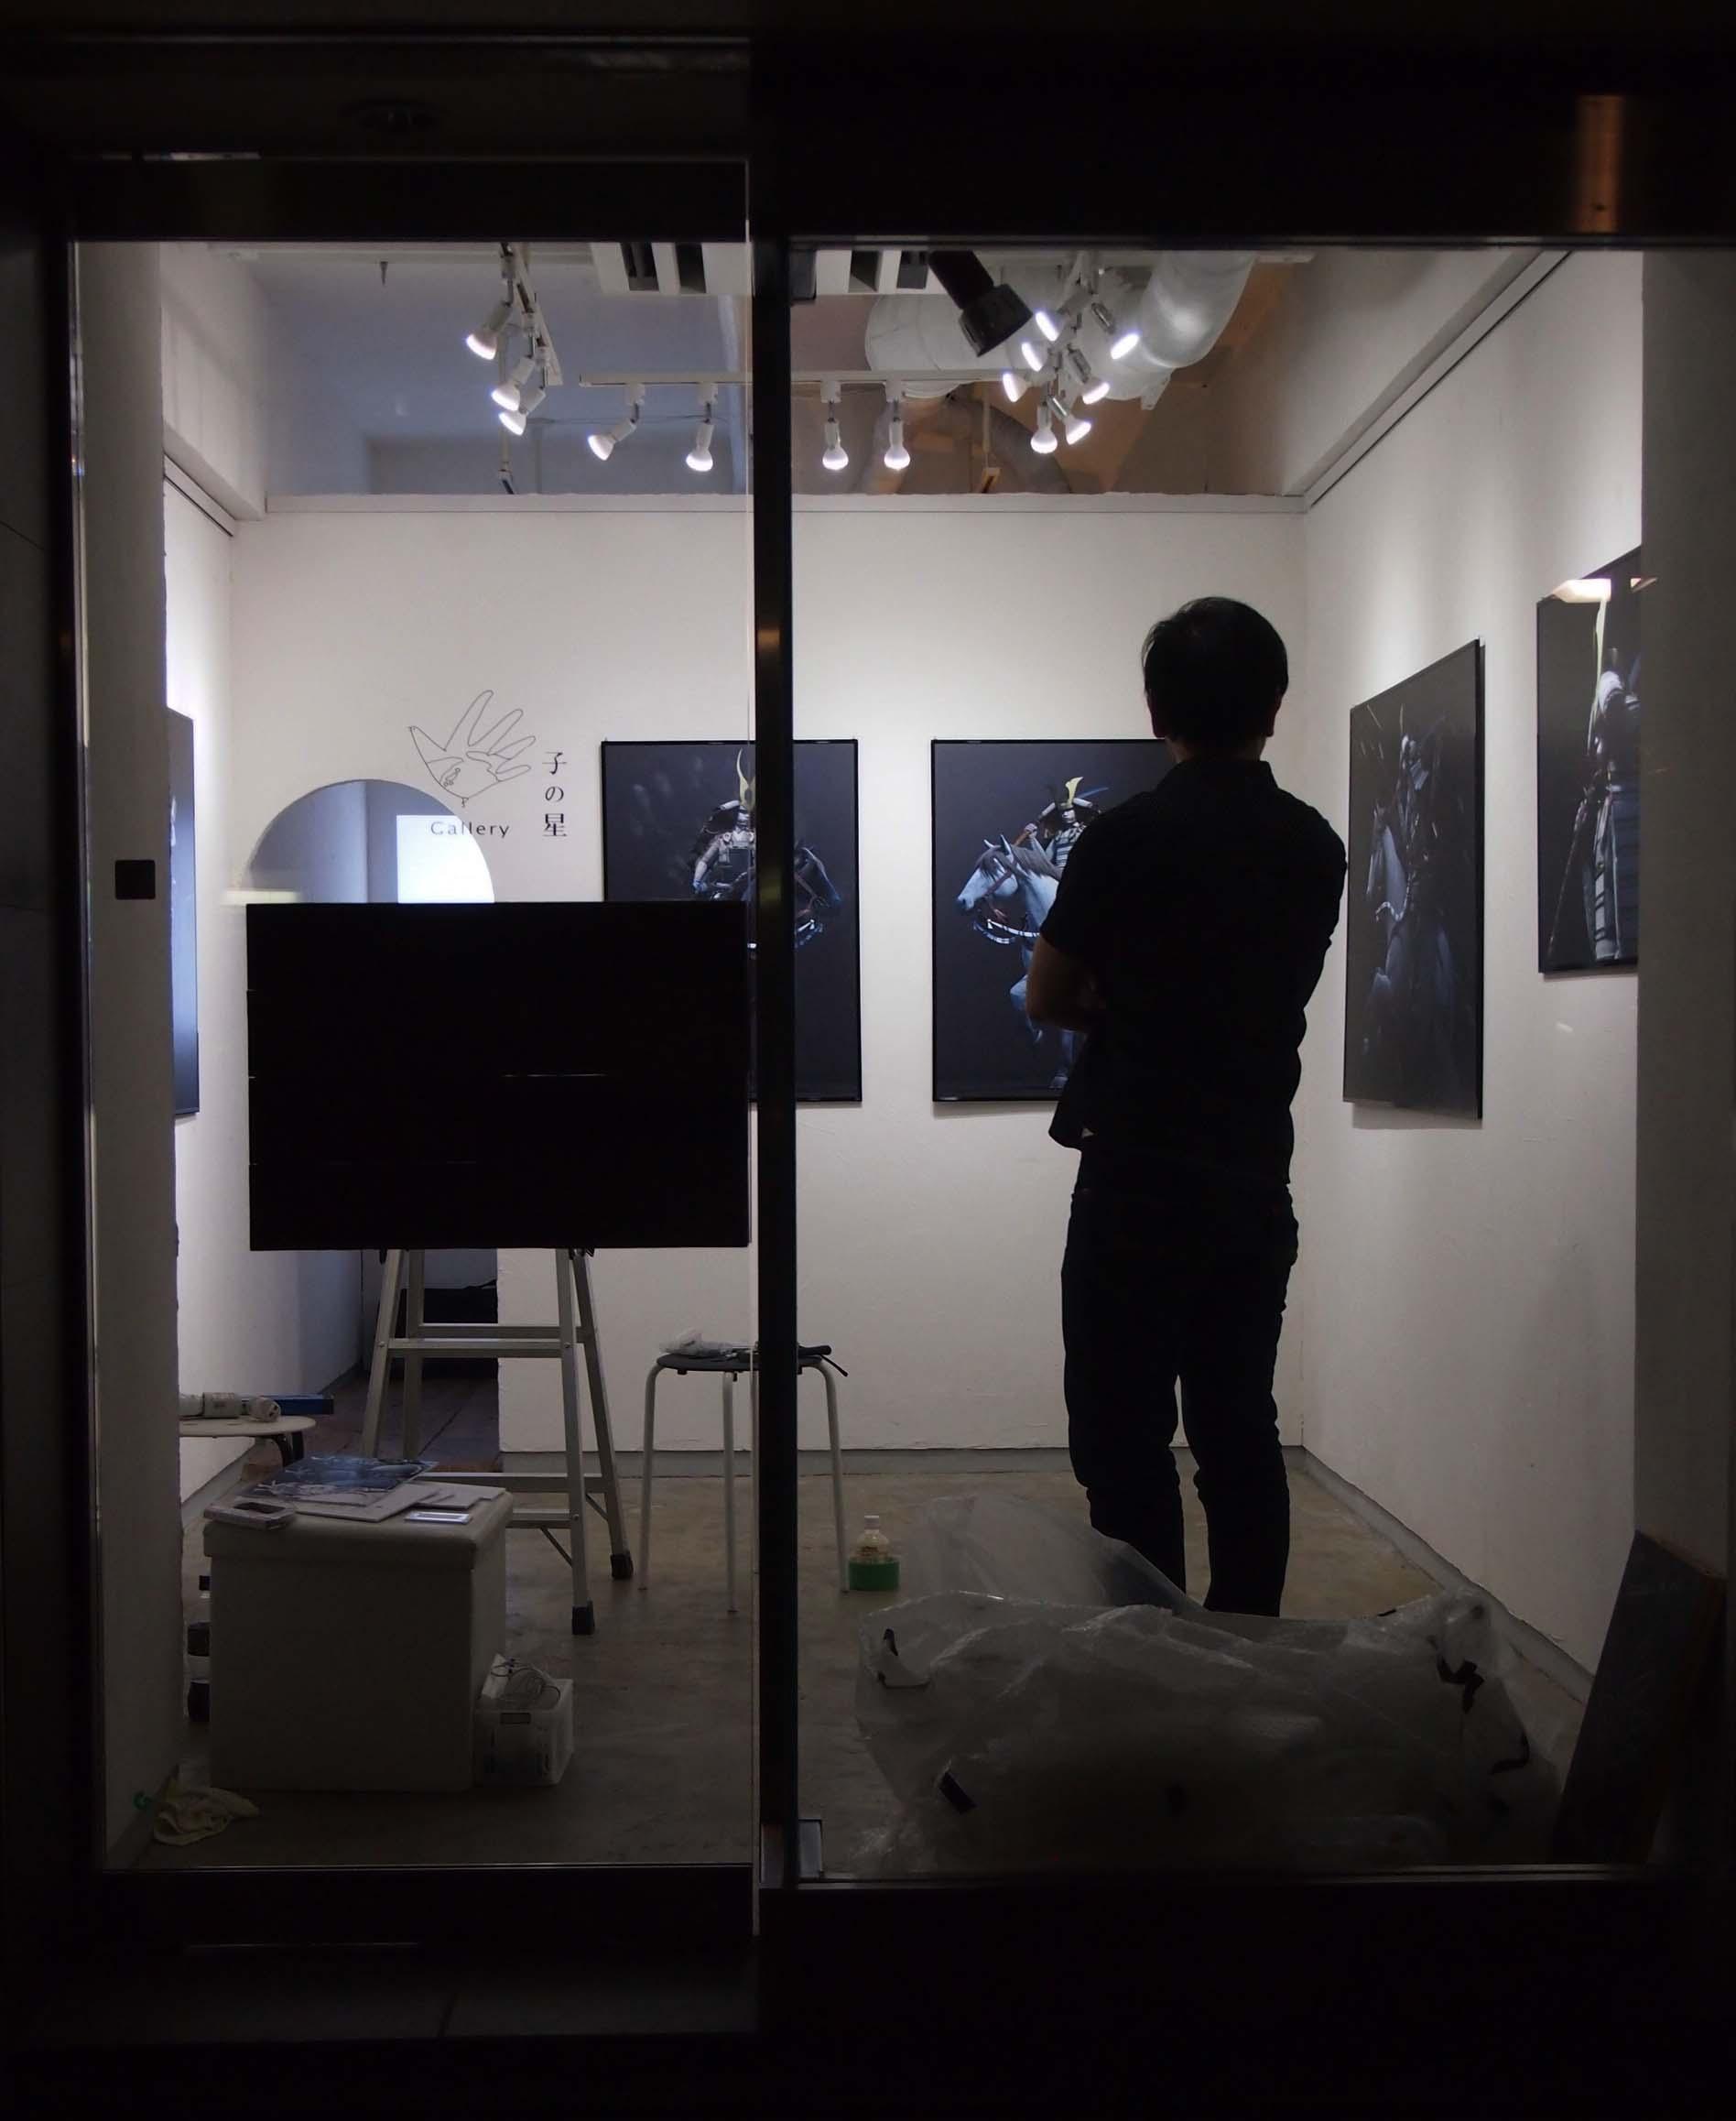 彫金3人展「夏のはじまり」搬出〜古部満敬「挙兵」搬入_e0272050_1218174.jpg